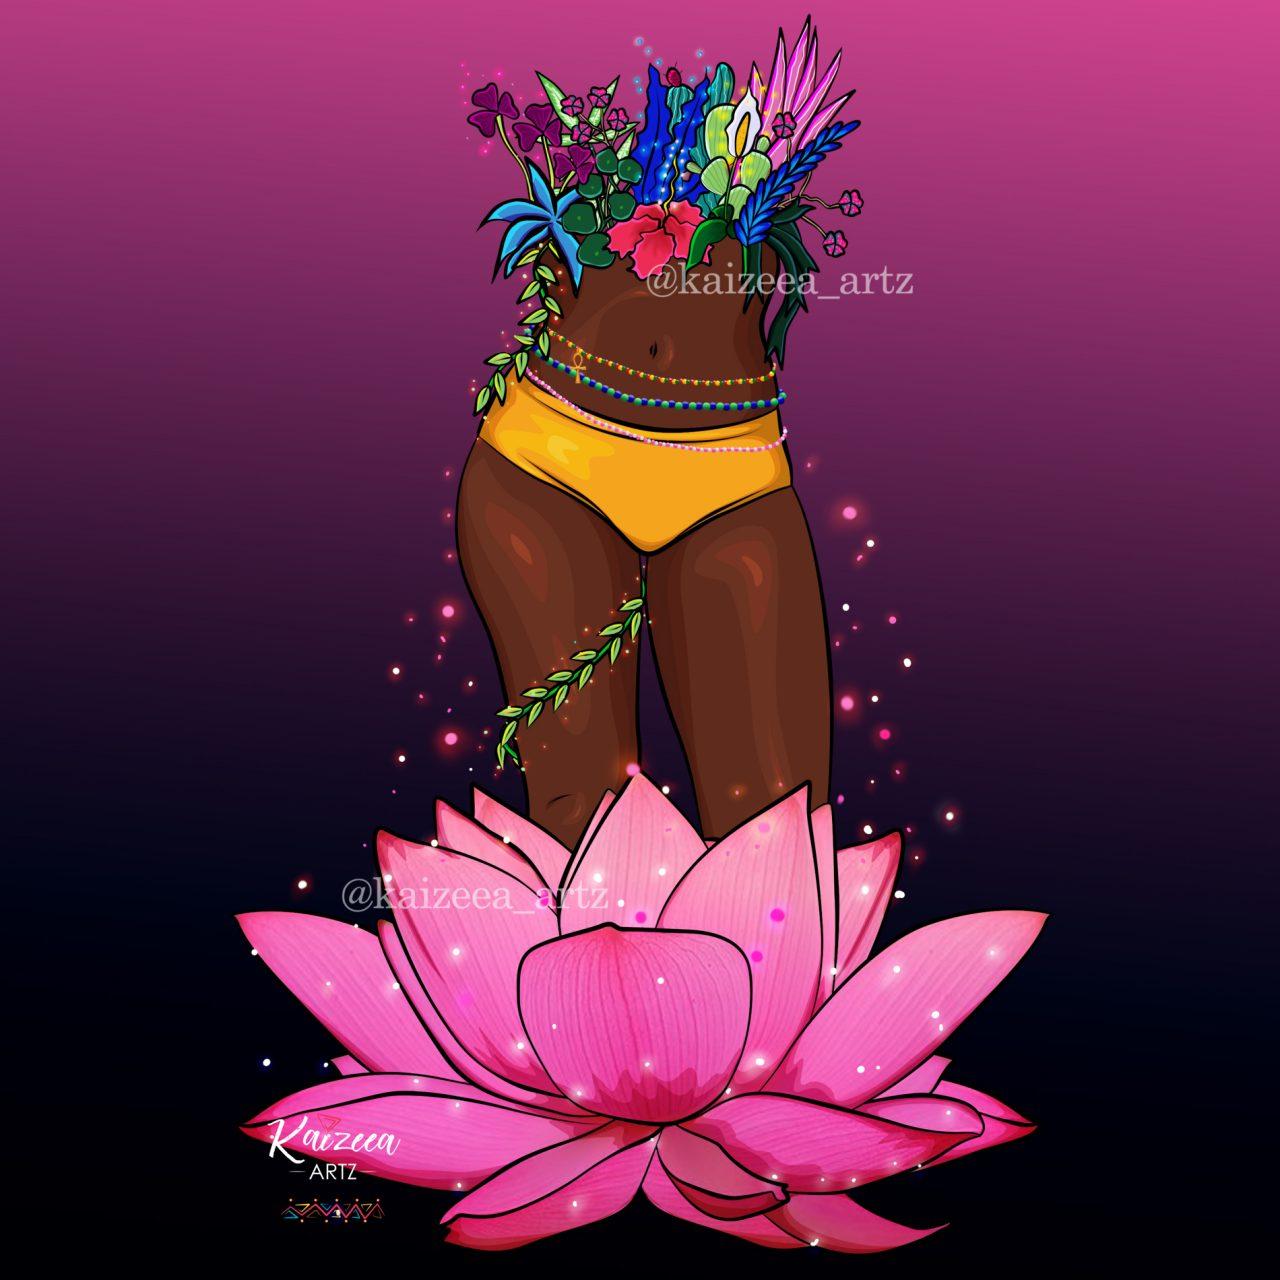 Kaizeea Artz Mauritius Mauricienne ile Maurice moris best art afro art afri art waist beads pinterest mauritian artist visual art digital art digital artist artiste numérique